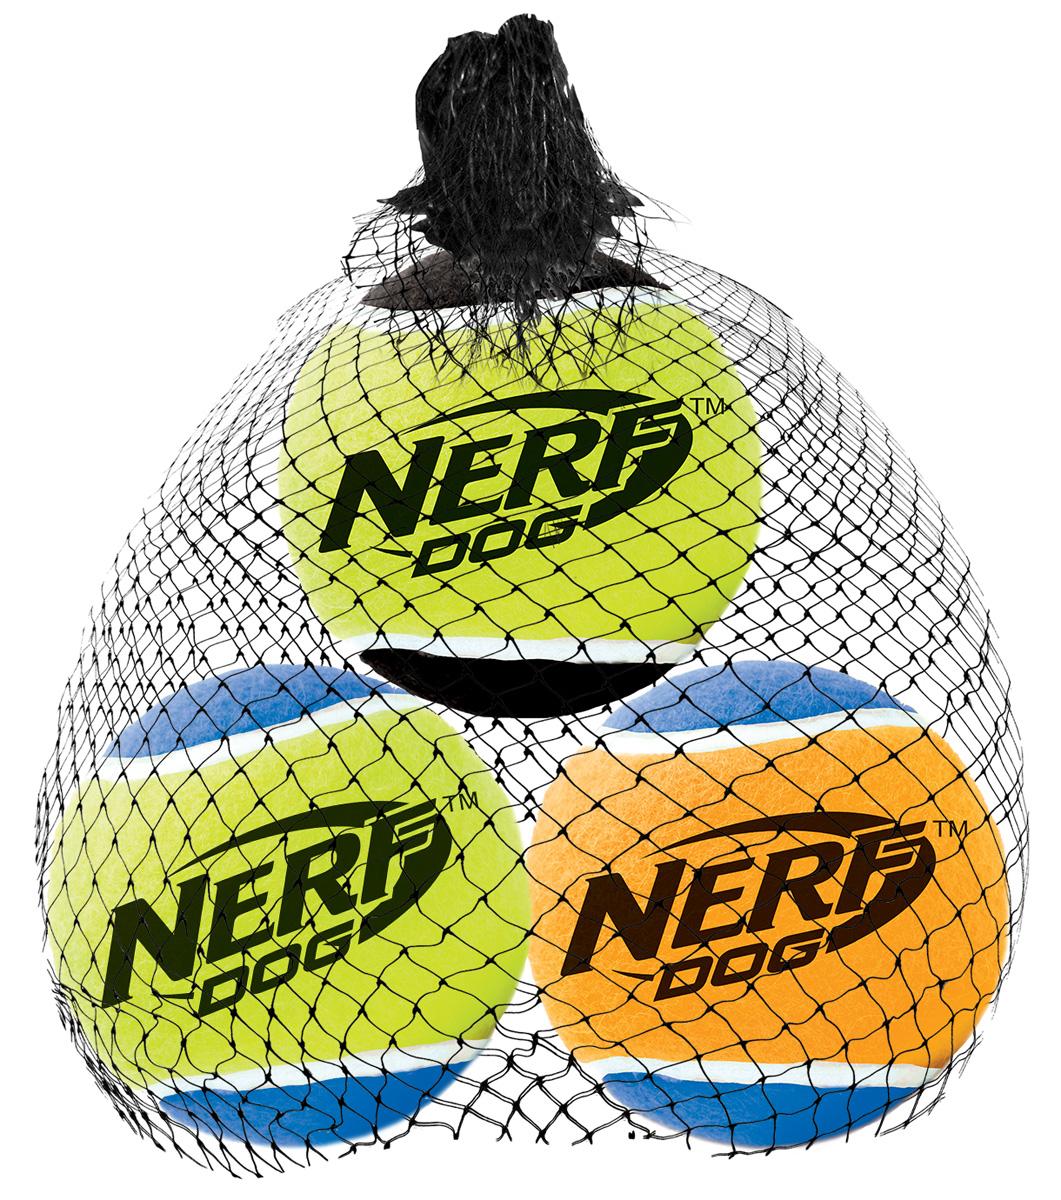 Игрушка для собак Nerf Мяч теннисный, пищащий, диаметр 6 см, 3 шт18654Мячи теннисные (3 шт.) из прочной высококачественной резины! Подходят для бластера NerfDog Tennis Ball Blaster Оснащены пищалкой! Яркие привлекательные цвета! Оптимальный вариант для игры с вашим питомцем! Игрушки Nerf Dog представлены в различных сериях в зависимости от рисунка, фактуры и материала, из которого они изготовлены (резина, ТПР, нейлон, пластик, каучук). Размер: 6 см, M.